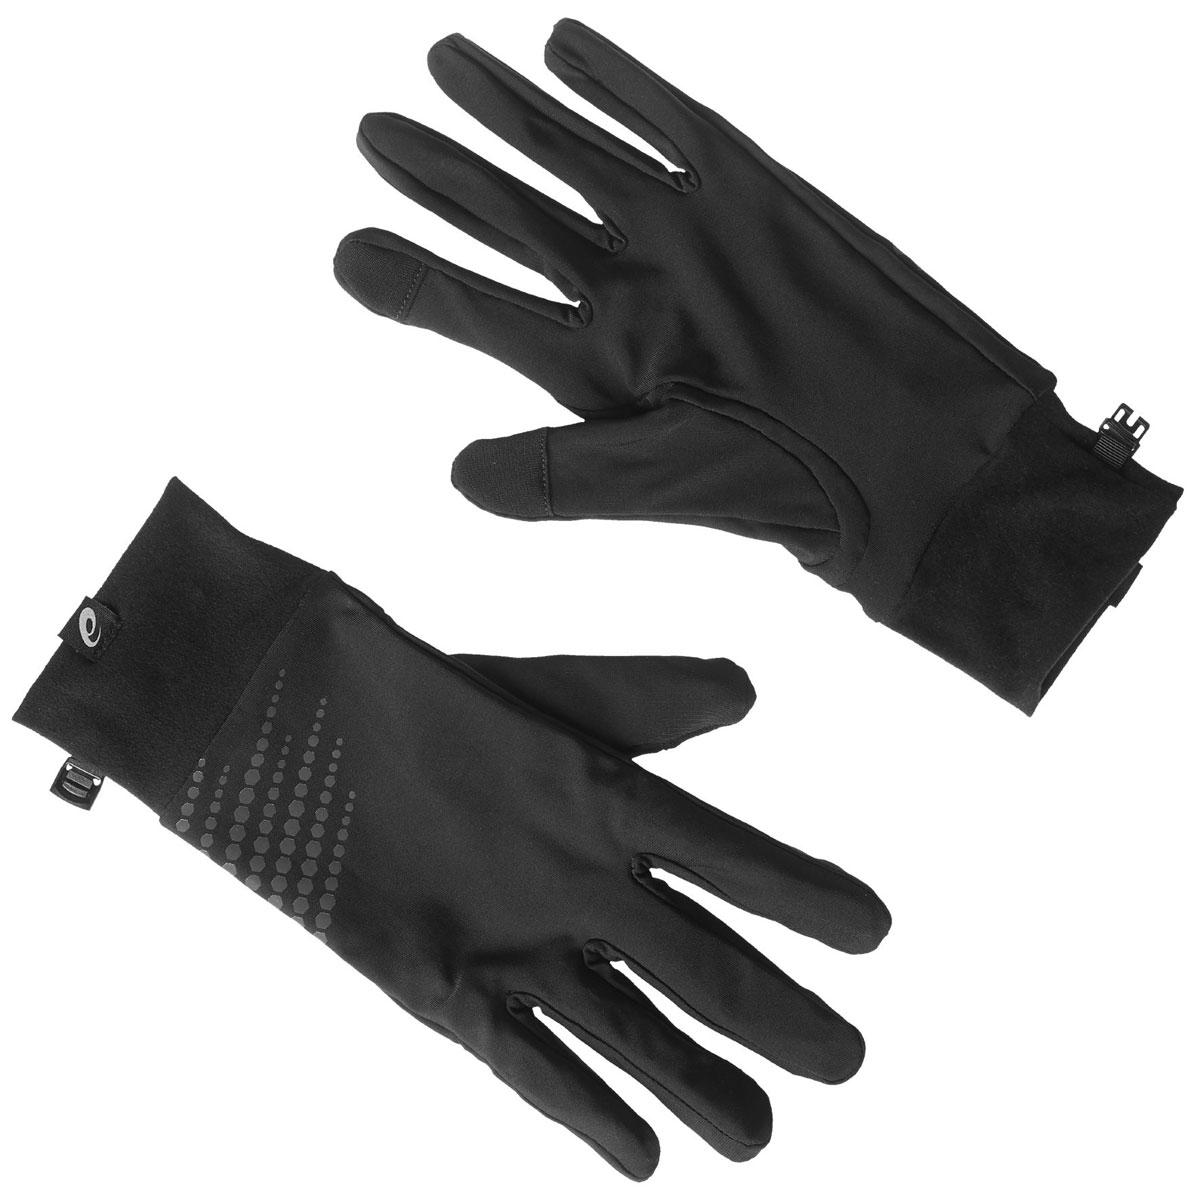 Перчатки134927-0656Спортивные перчатки для бега Asics выполнены из полиамида и эластана, комфортных при носке. Снаружи модель оформлена оригинальным принтом и нашивкой с изображением логотипа бренда. Манжет надежно зафиксирует модель на запястье, не сдавливая его. Также перчатки оснащены застежкой-фастексом.